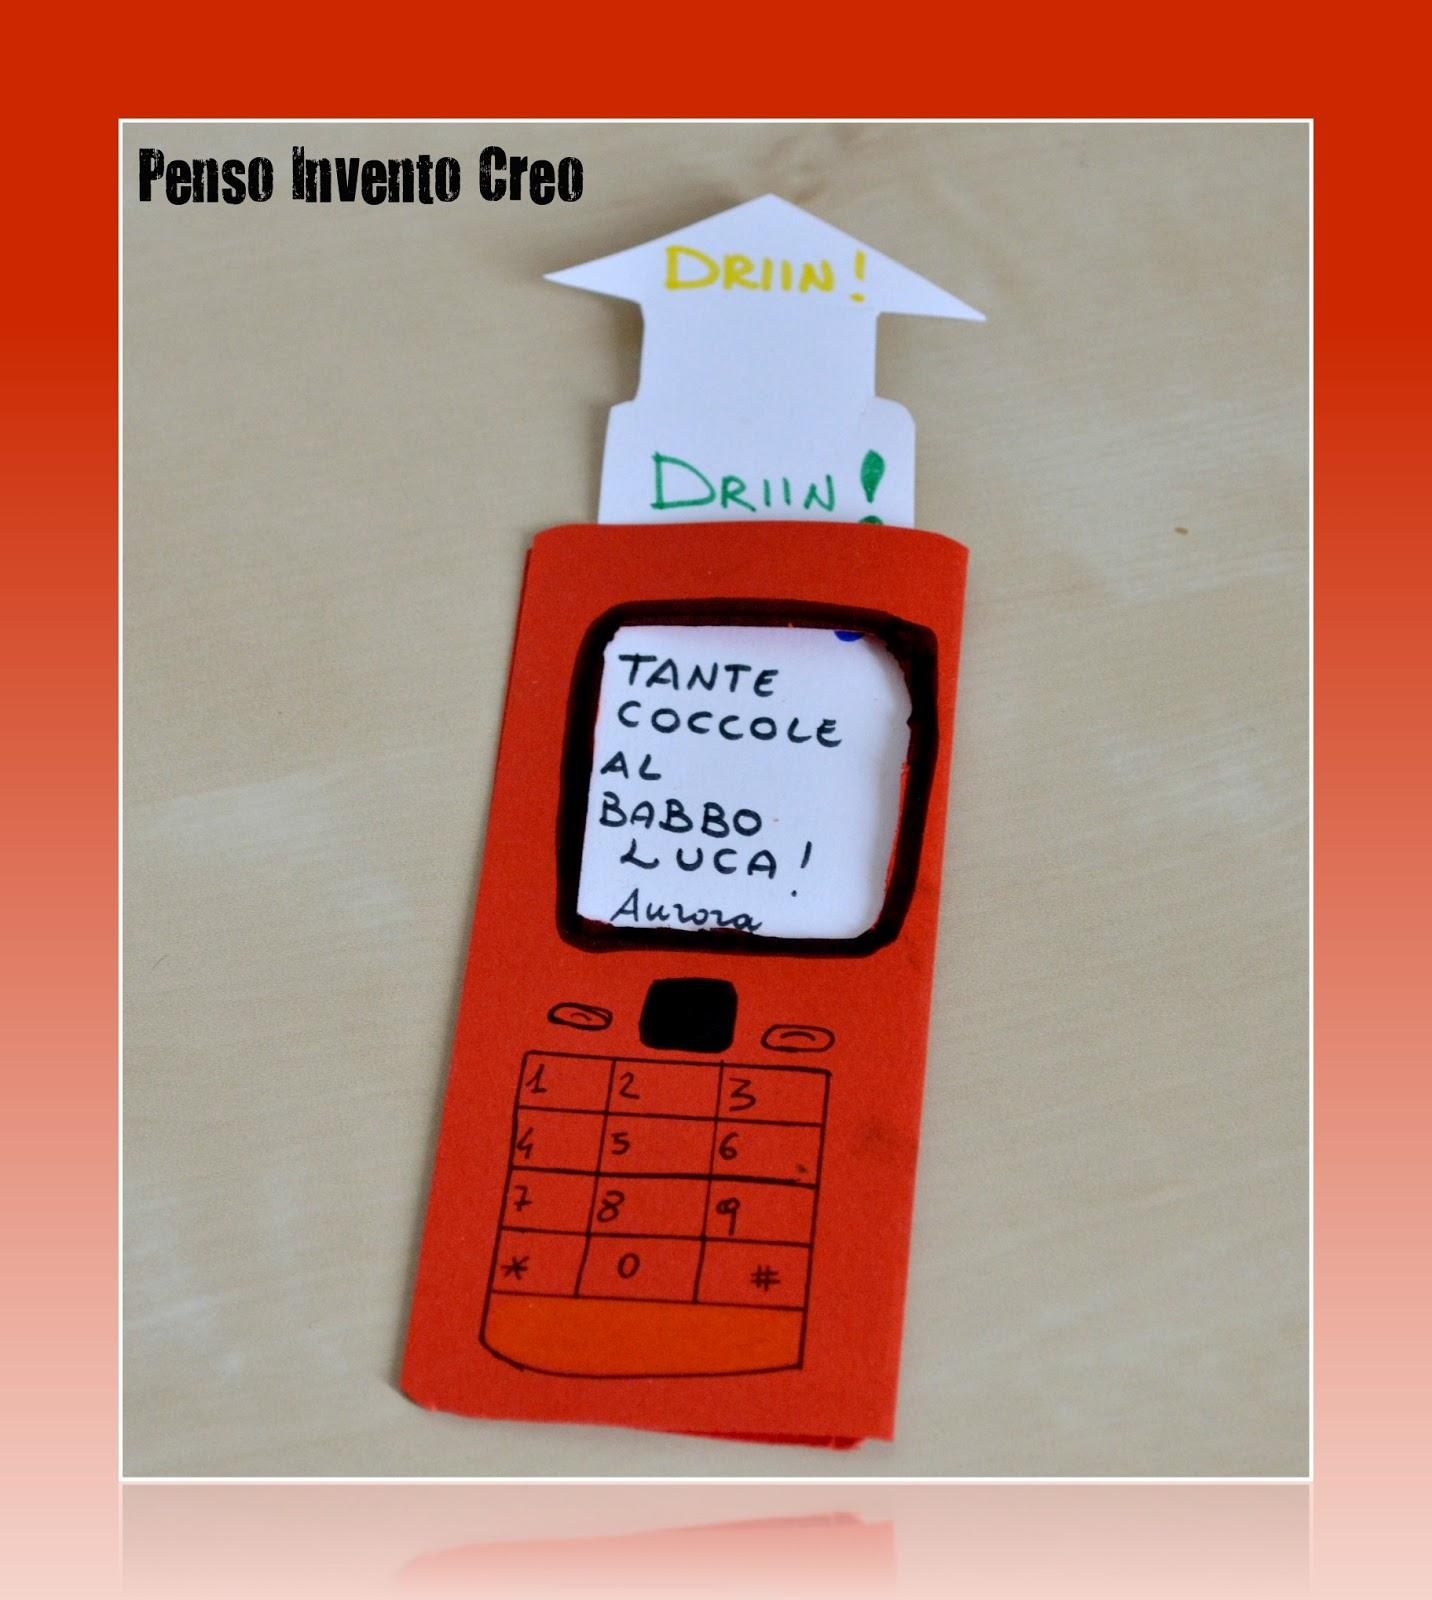 Amato Festa del Papà: biglietto fai da te da stampare - Penso Invento Creo KL09